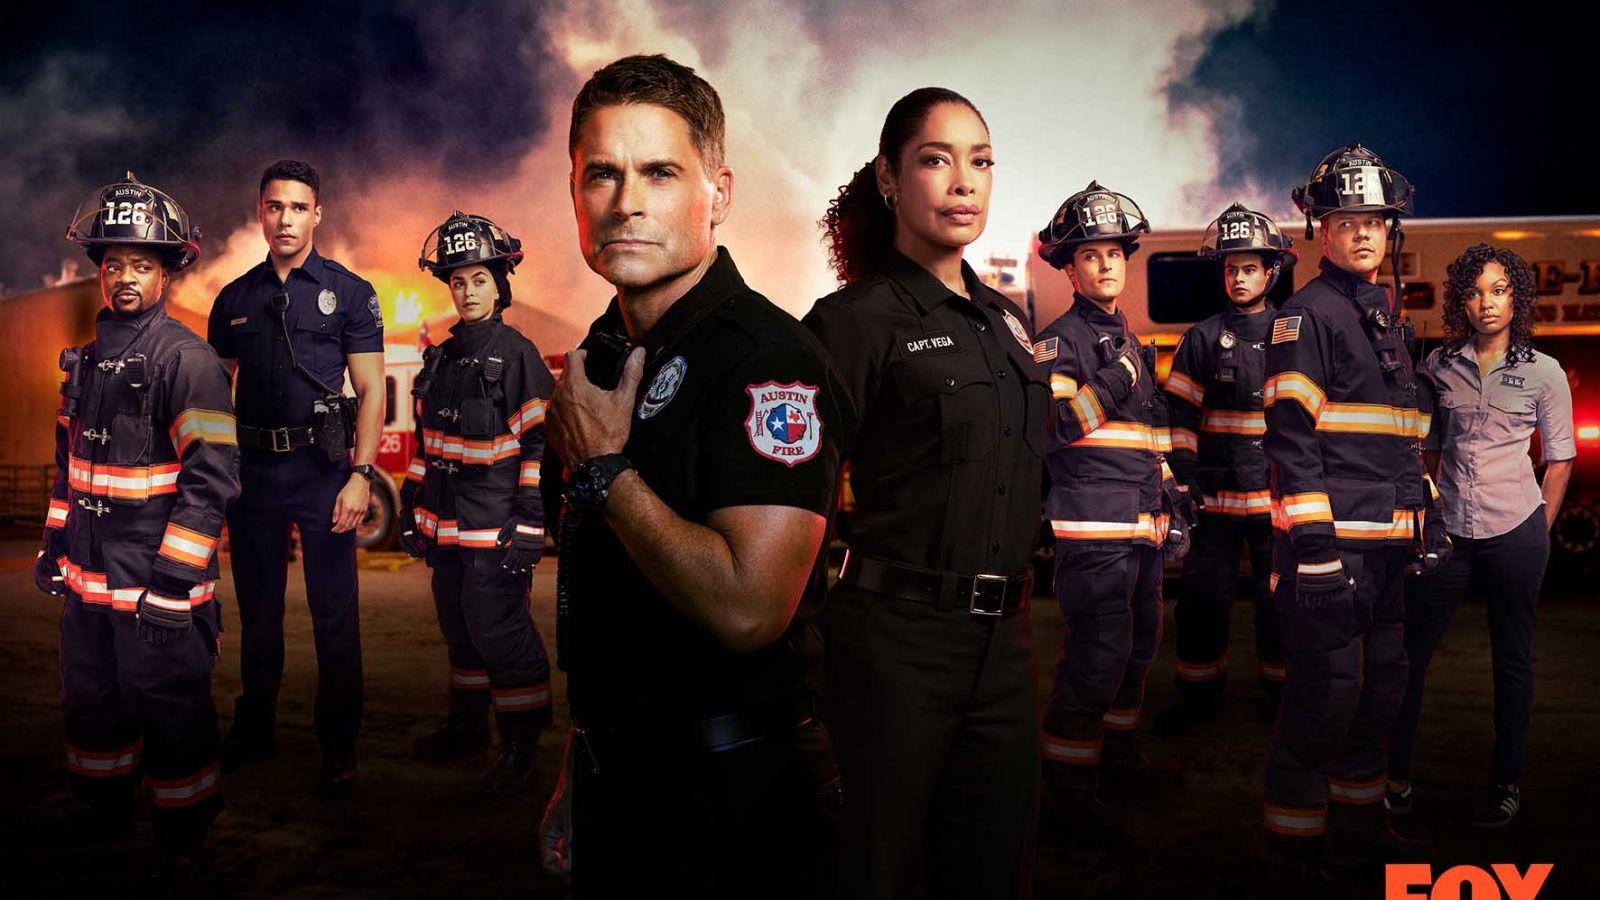 Οι Ομάδες Άμεσης Δράσης «9-1-1» και «9-1-1: Lone Star» επιστρέφουν με νέα επεισόδια στο Fox [vid]